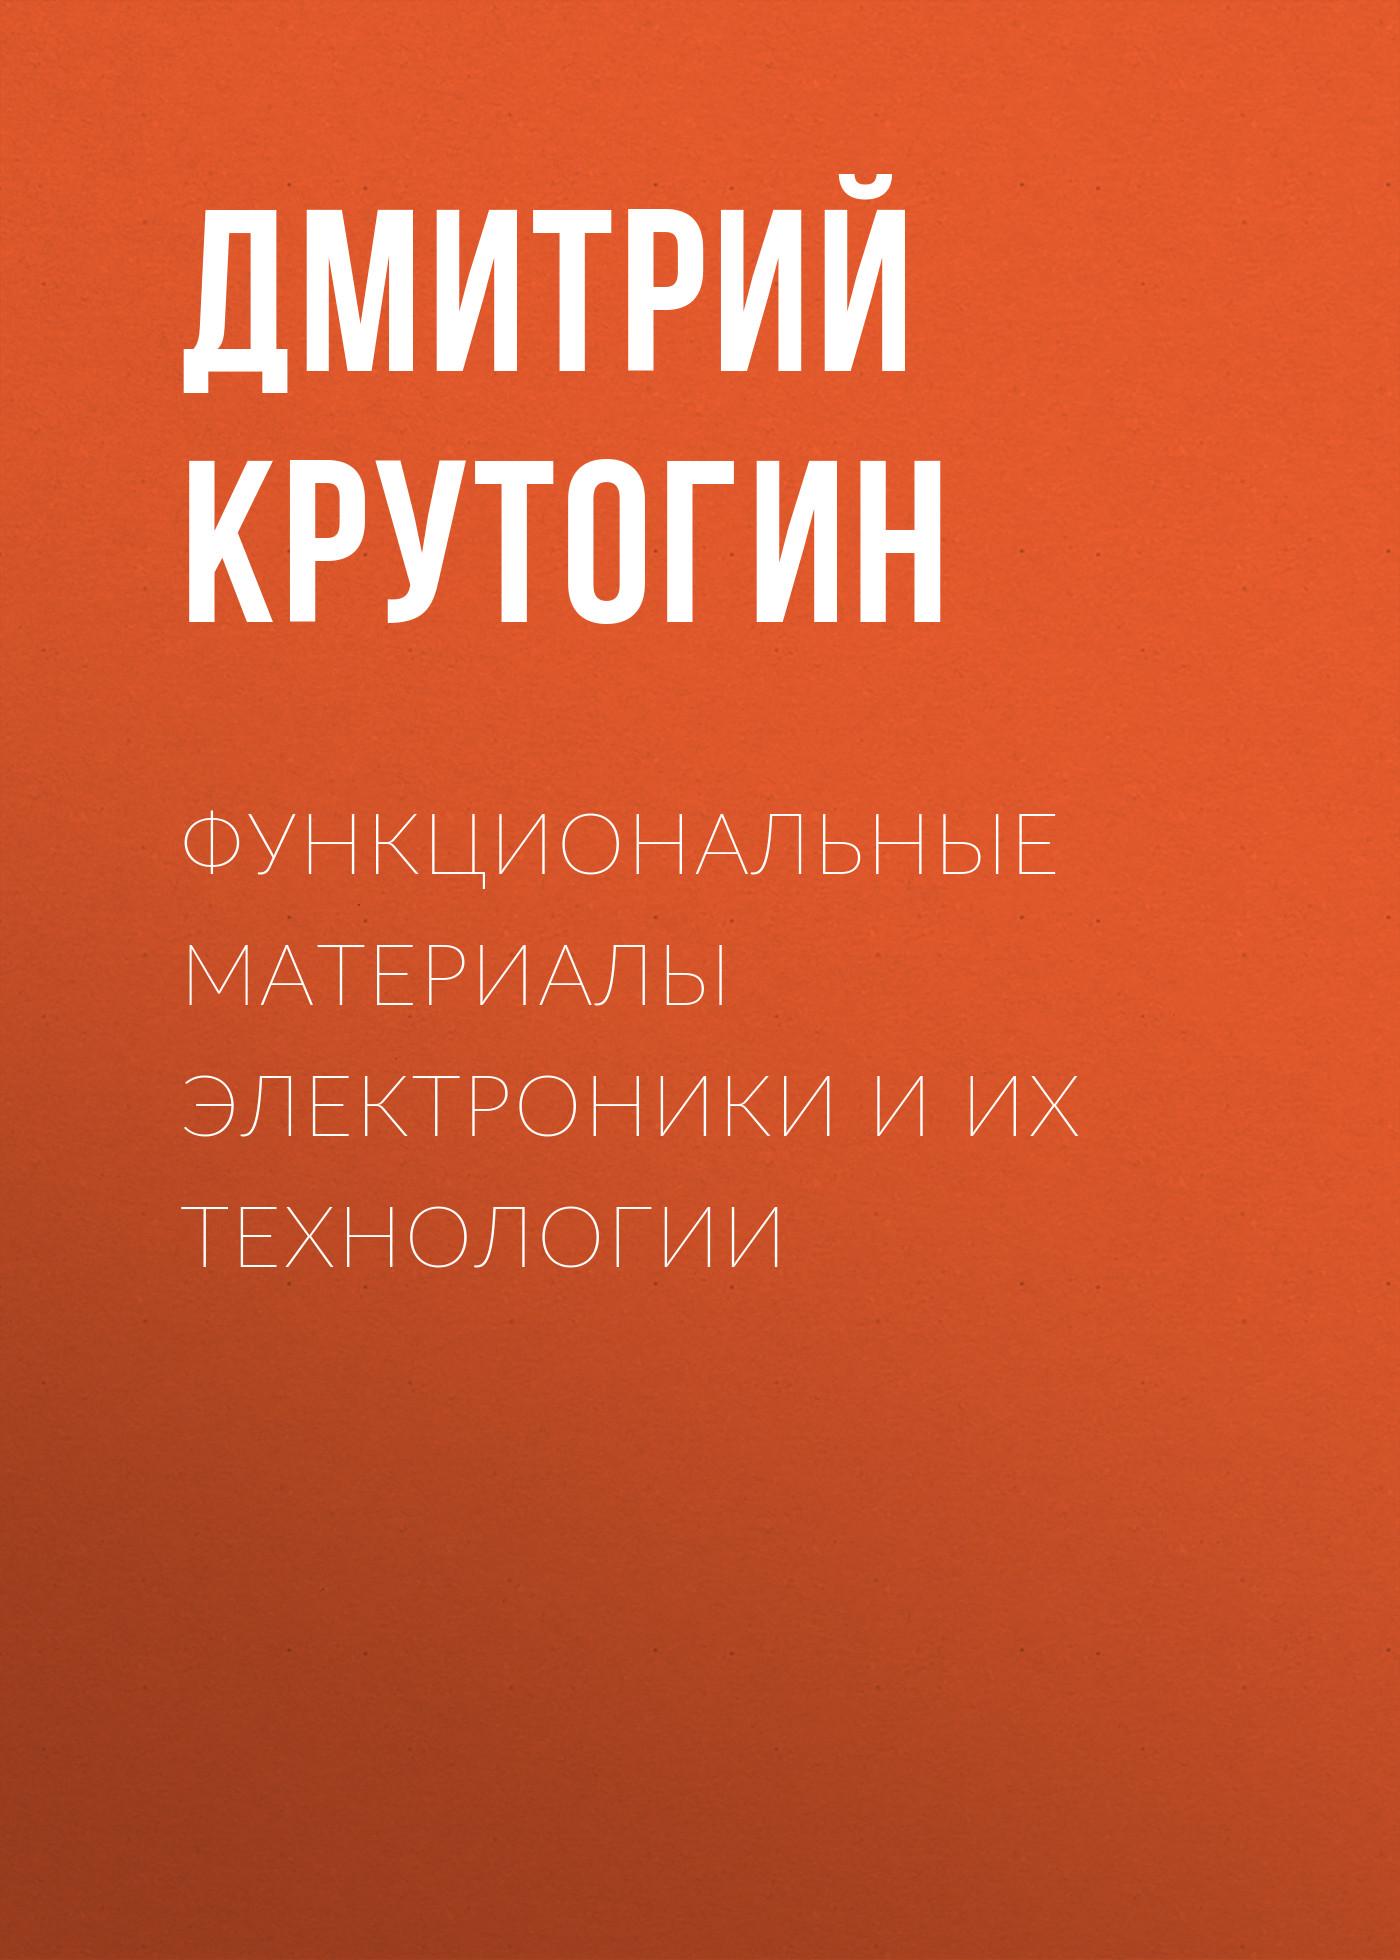 Дмитрий Крутогин Функциональные материалы электроники и их технологии п т орешкин физика полупроводников и диэлектриков